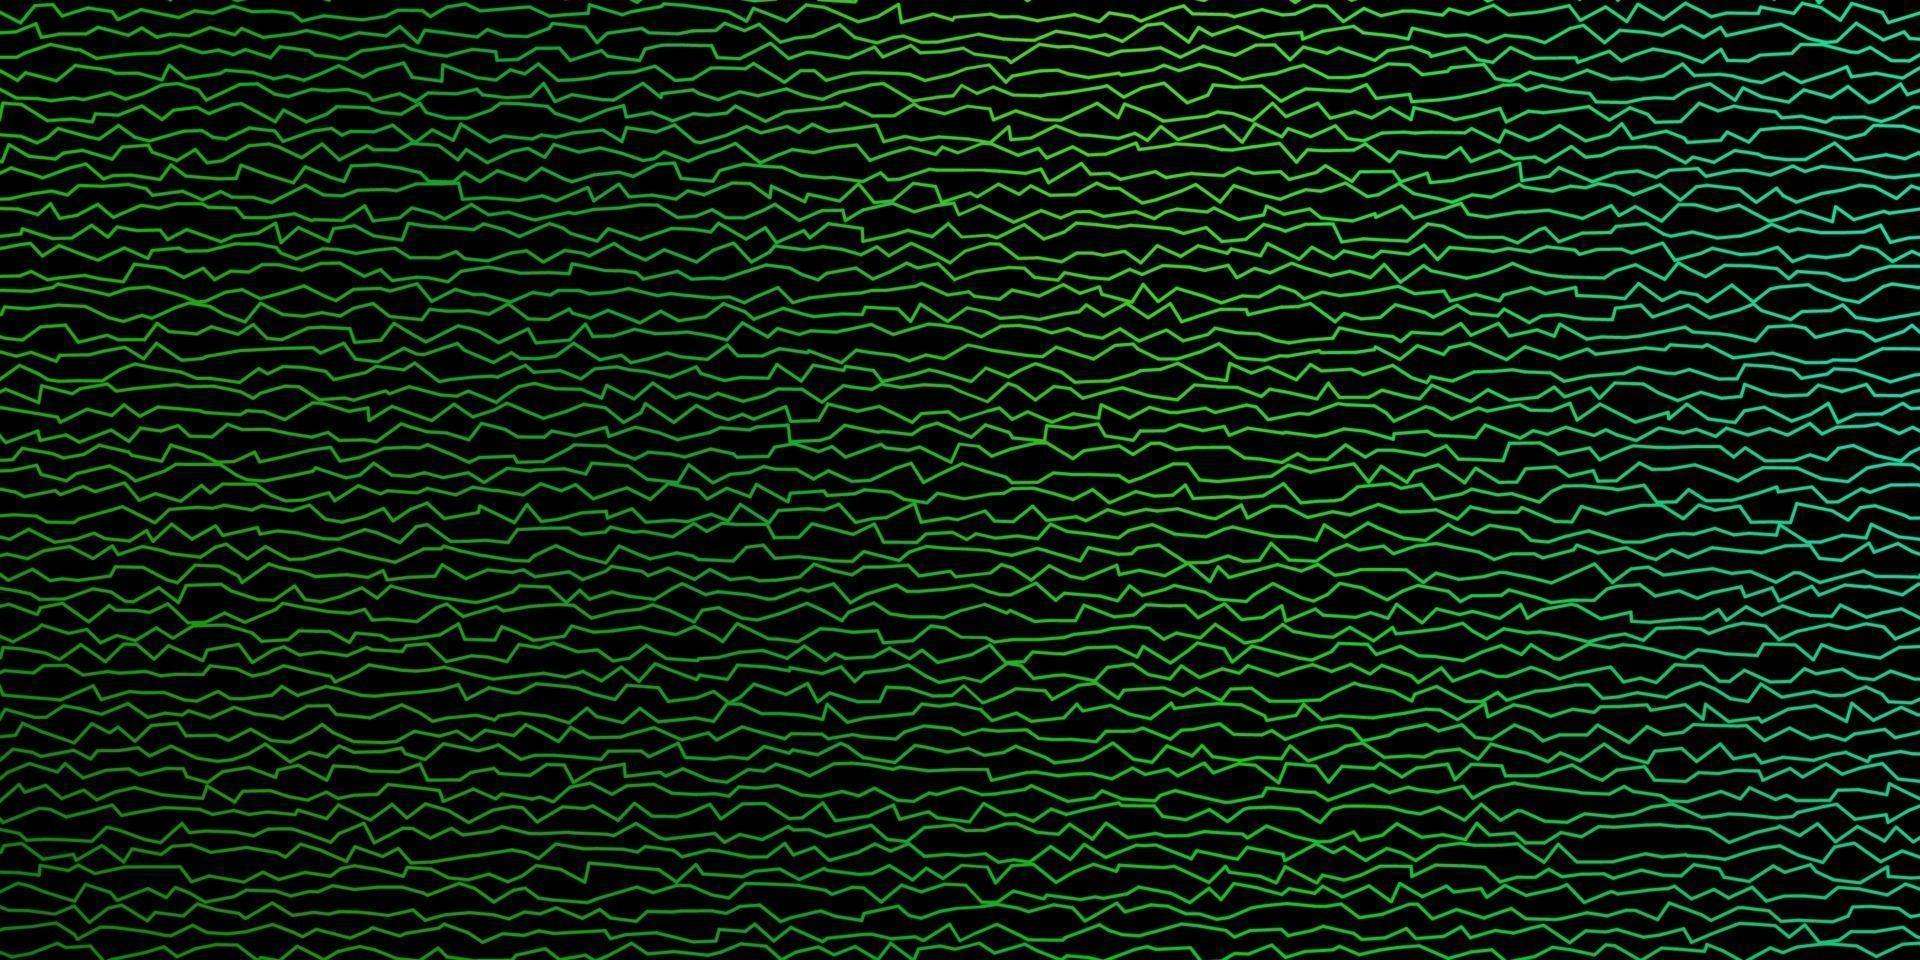 donkerblauw, groen vectorpatroon met lijnen. vector